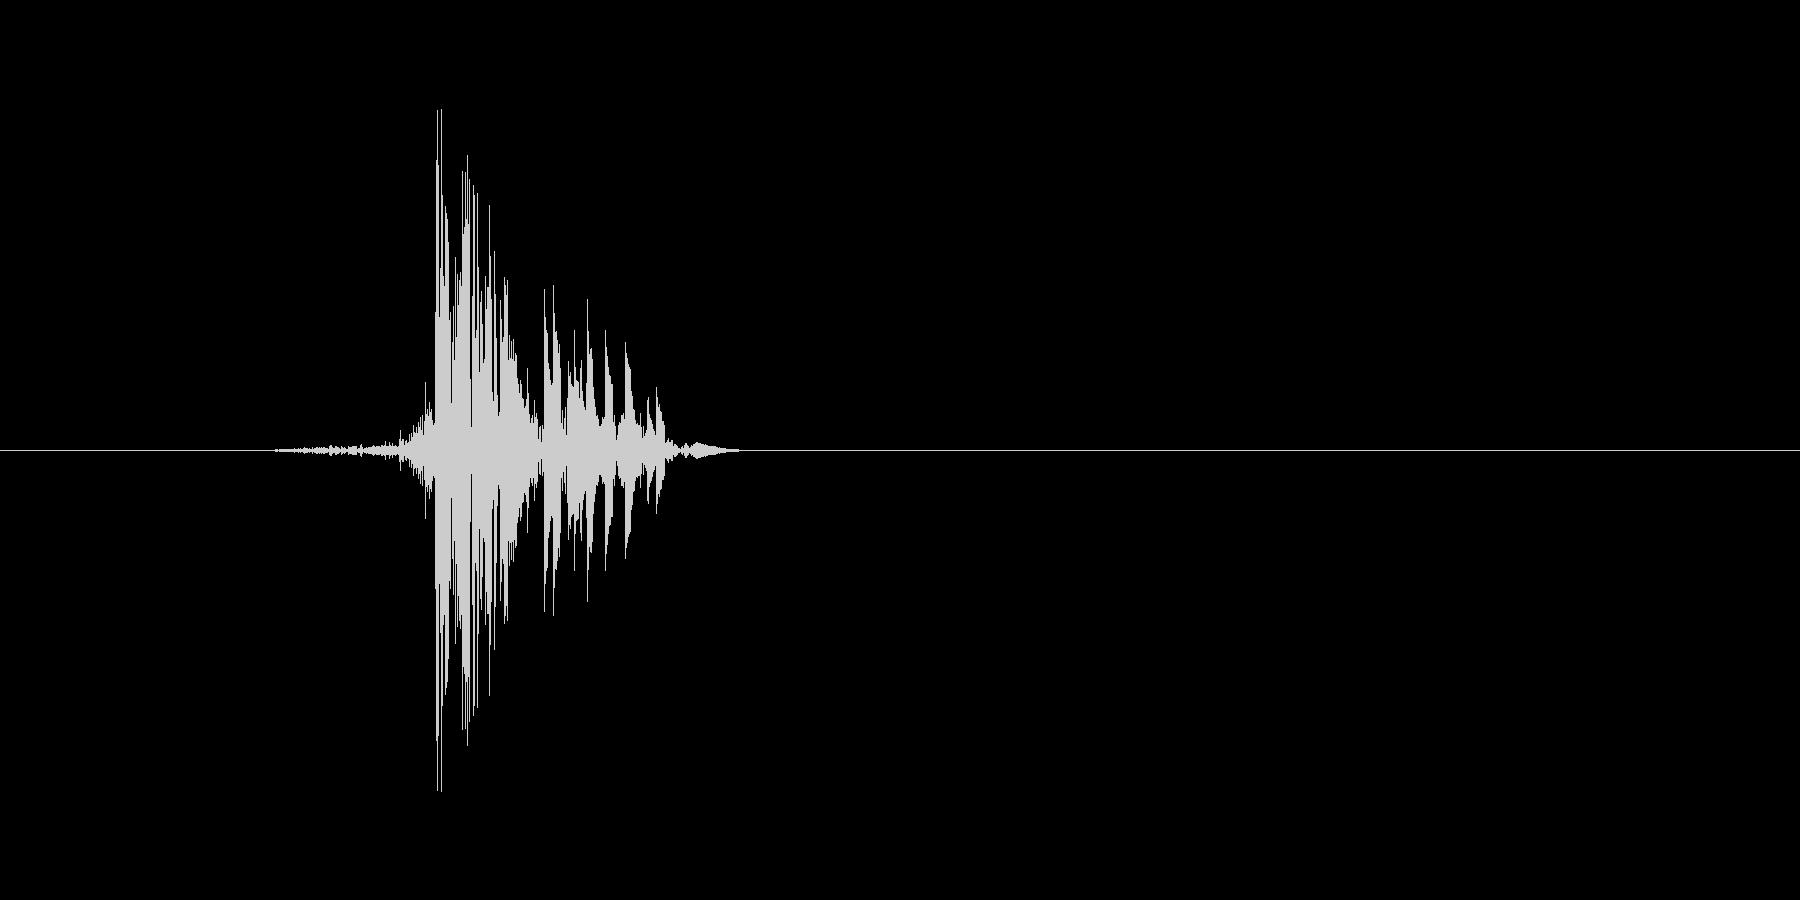 ゲーム(ファミコン風)ヒット音_046の未再生の波形